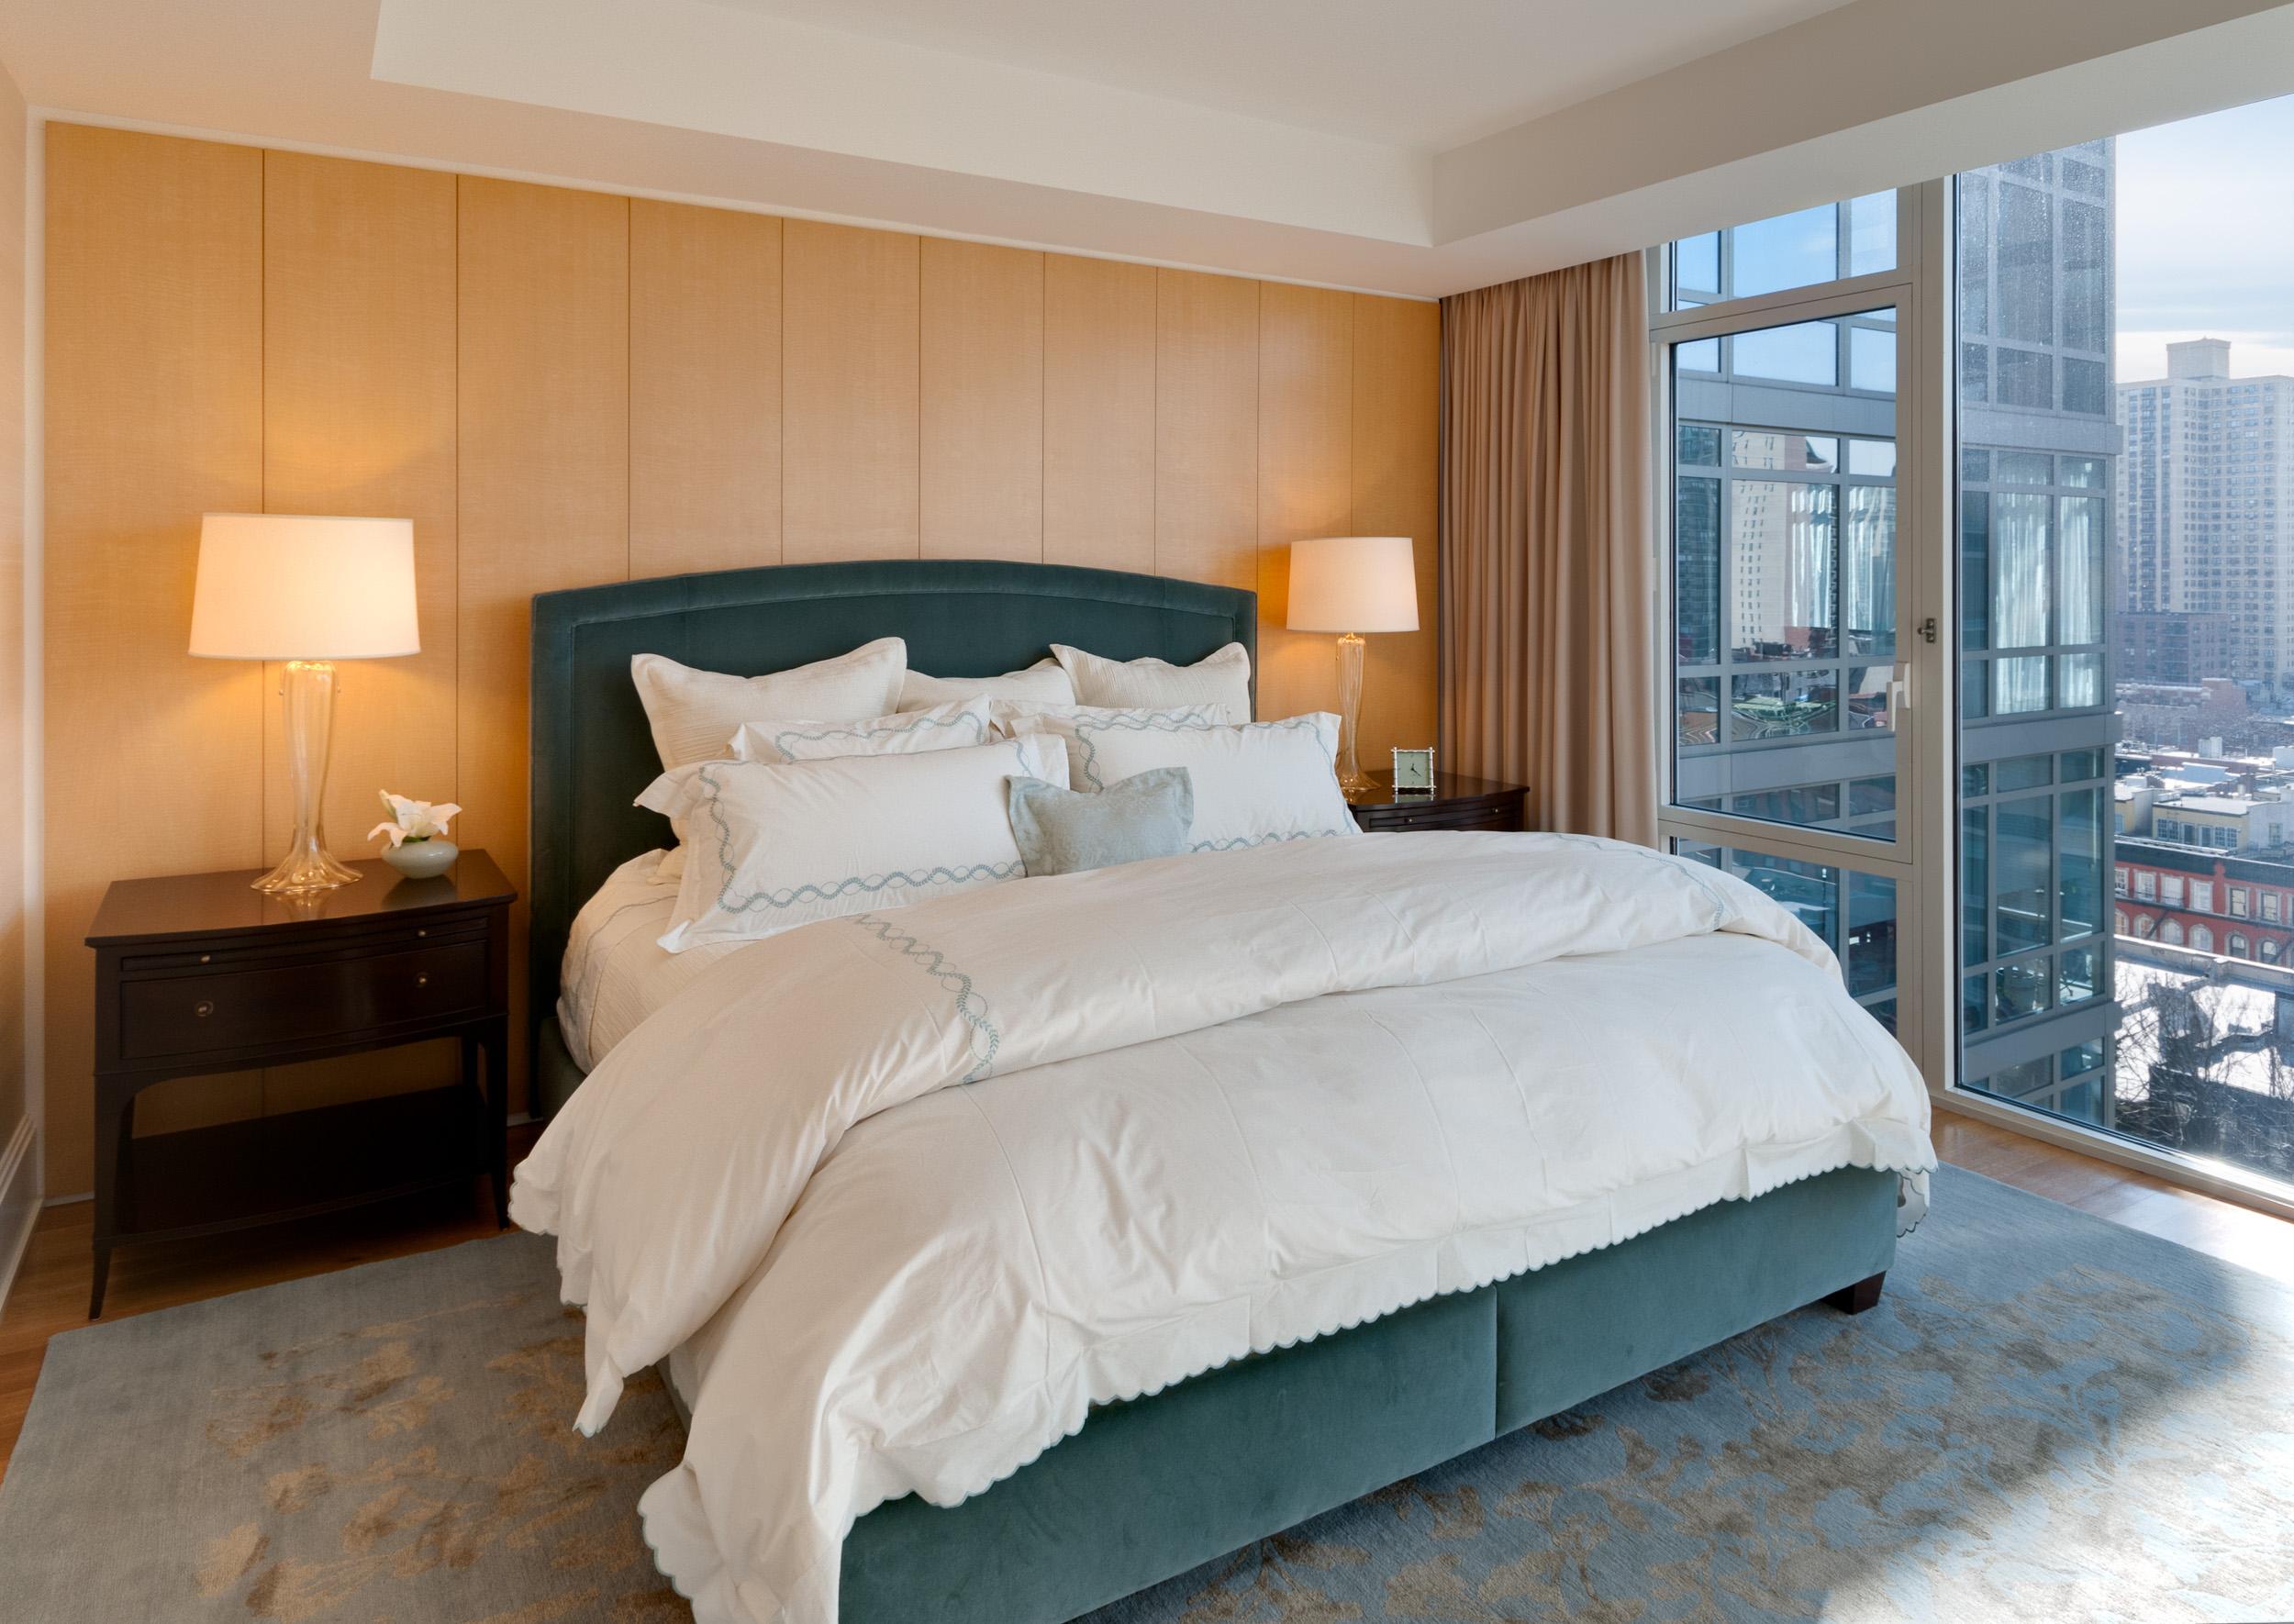 Master-Bedroom-Amy-Seminski-Interior-Design.jpg